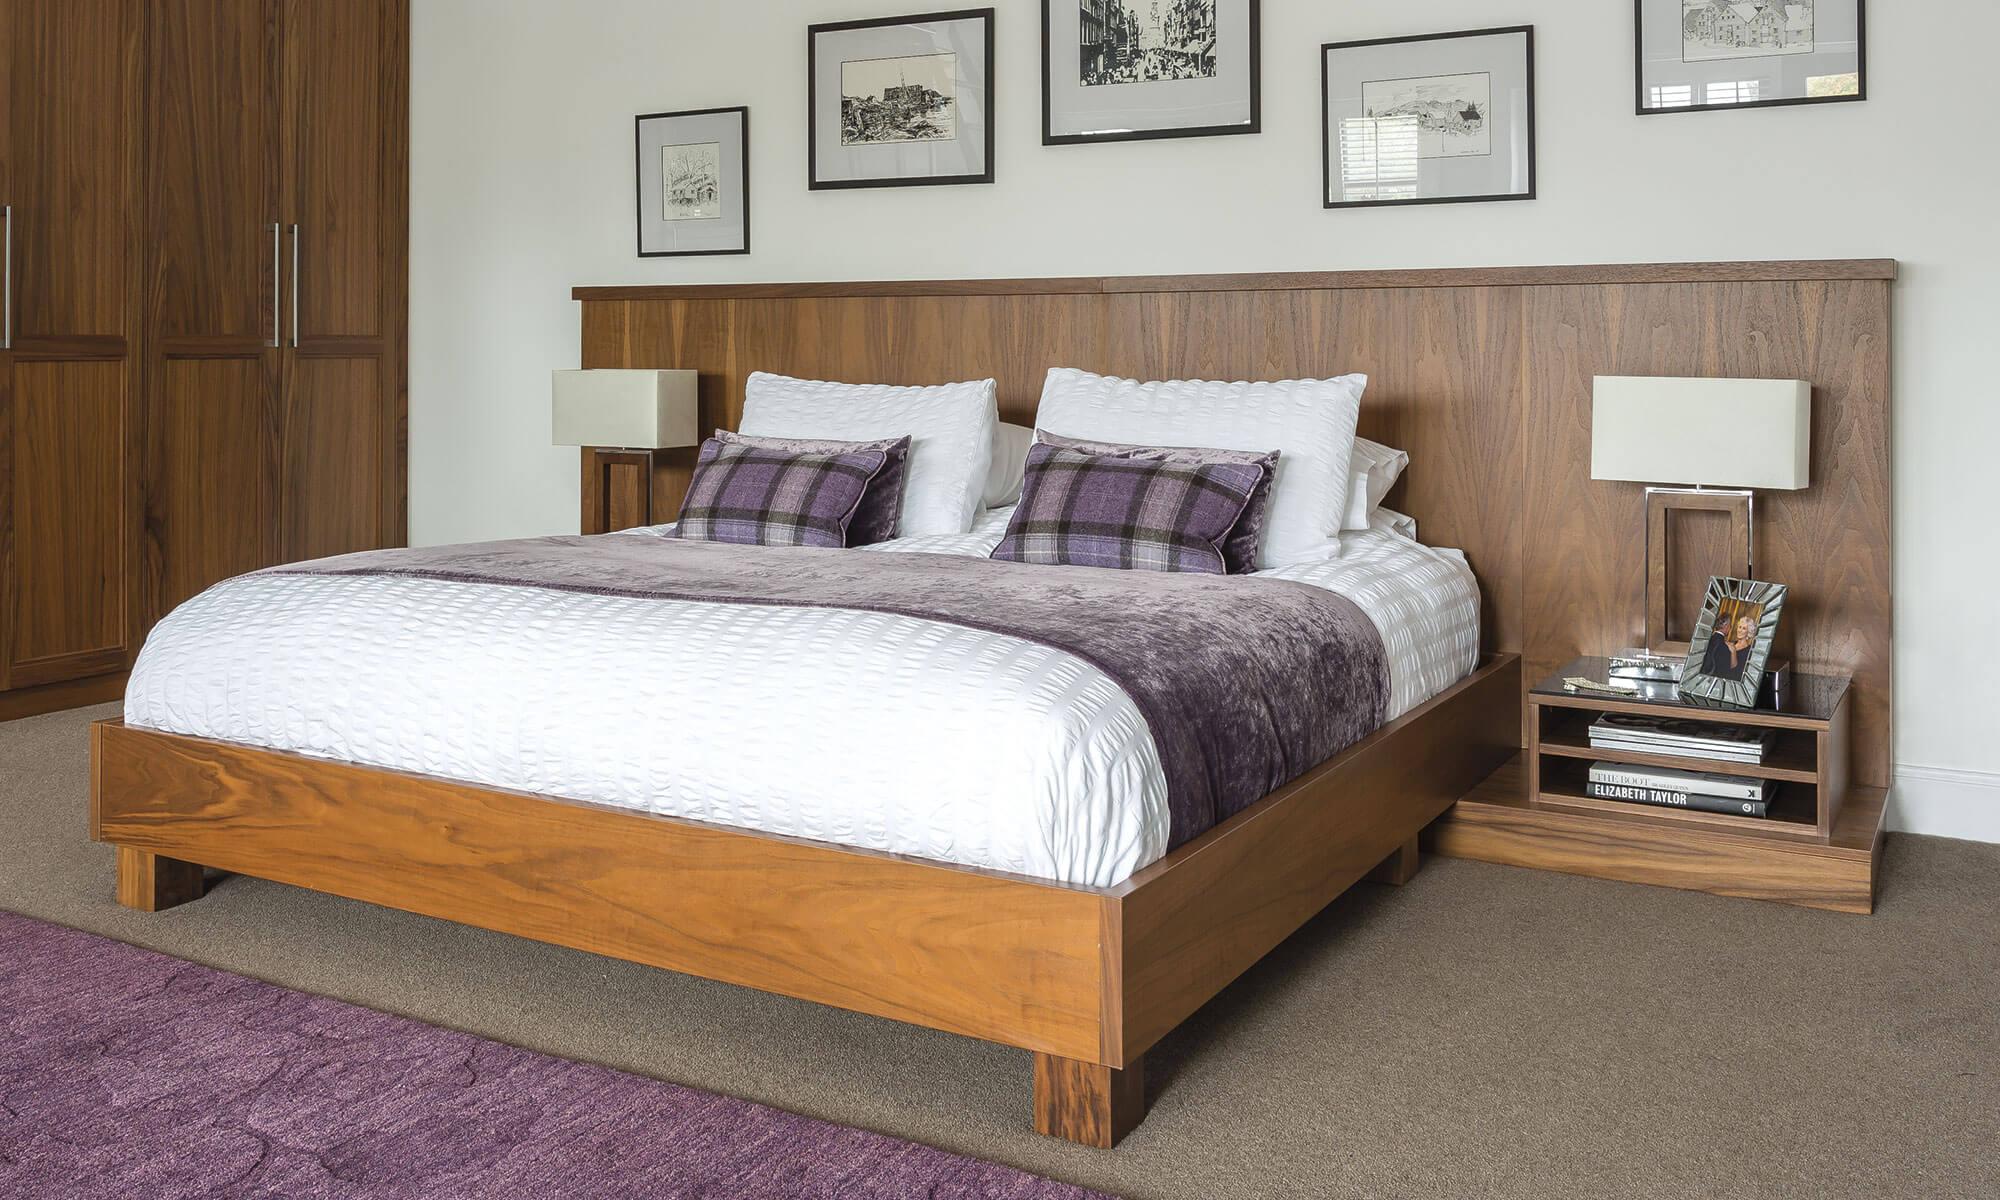 Beautiful Walnut Bedroom Furniture - Neville Johnson - photo#40